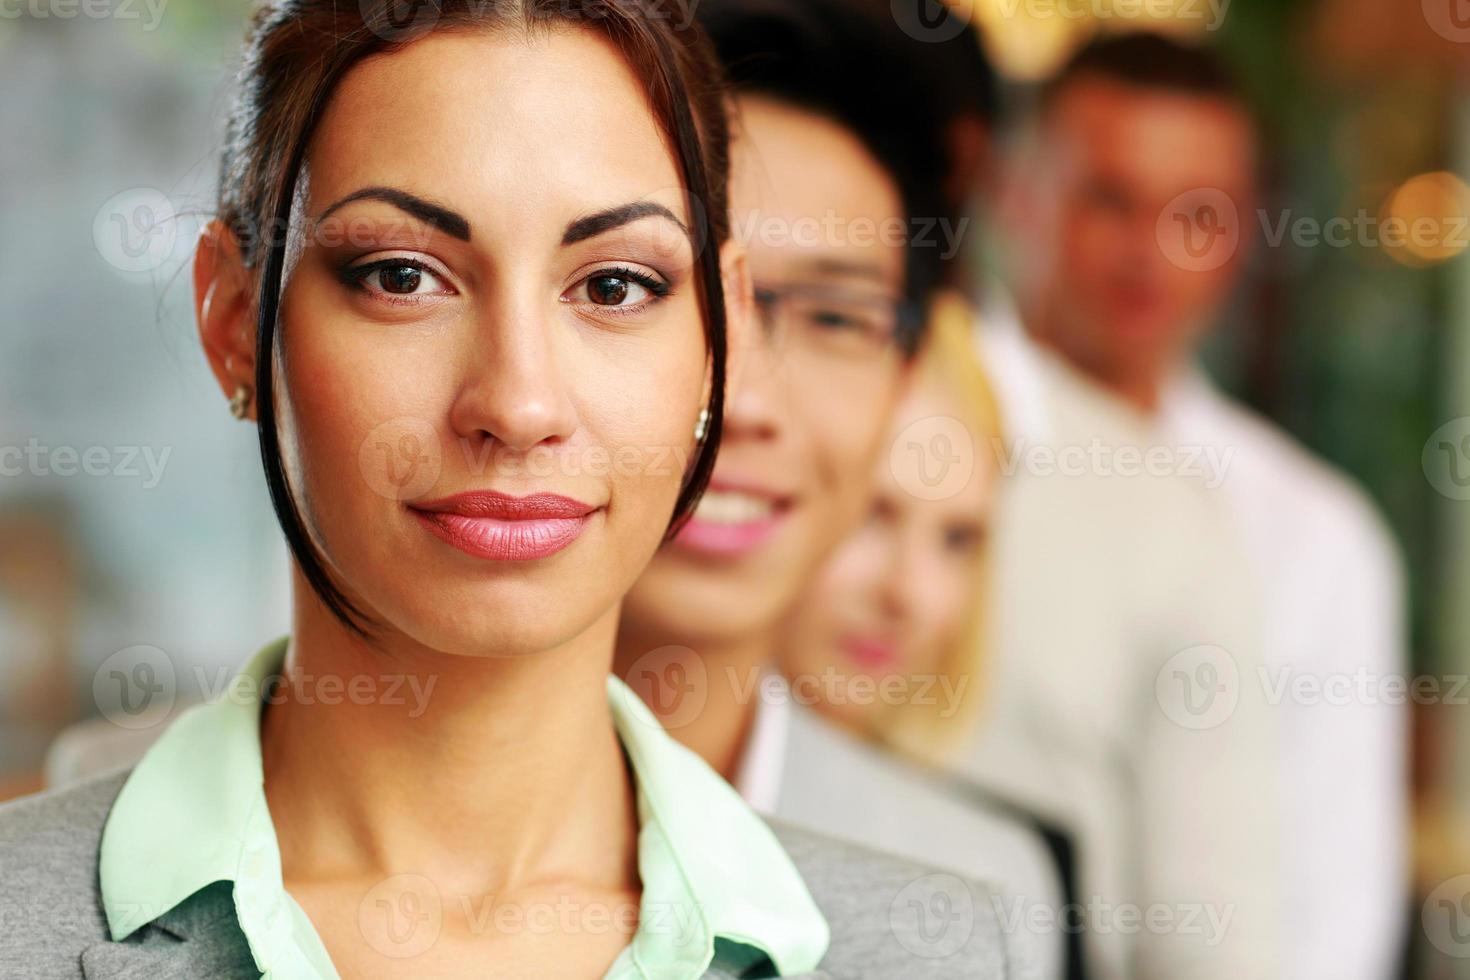 mensen uit het bedrijfsleven in het kantoor opgesteld foto